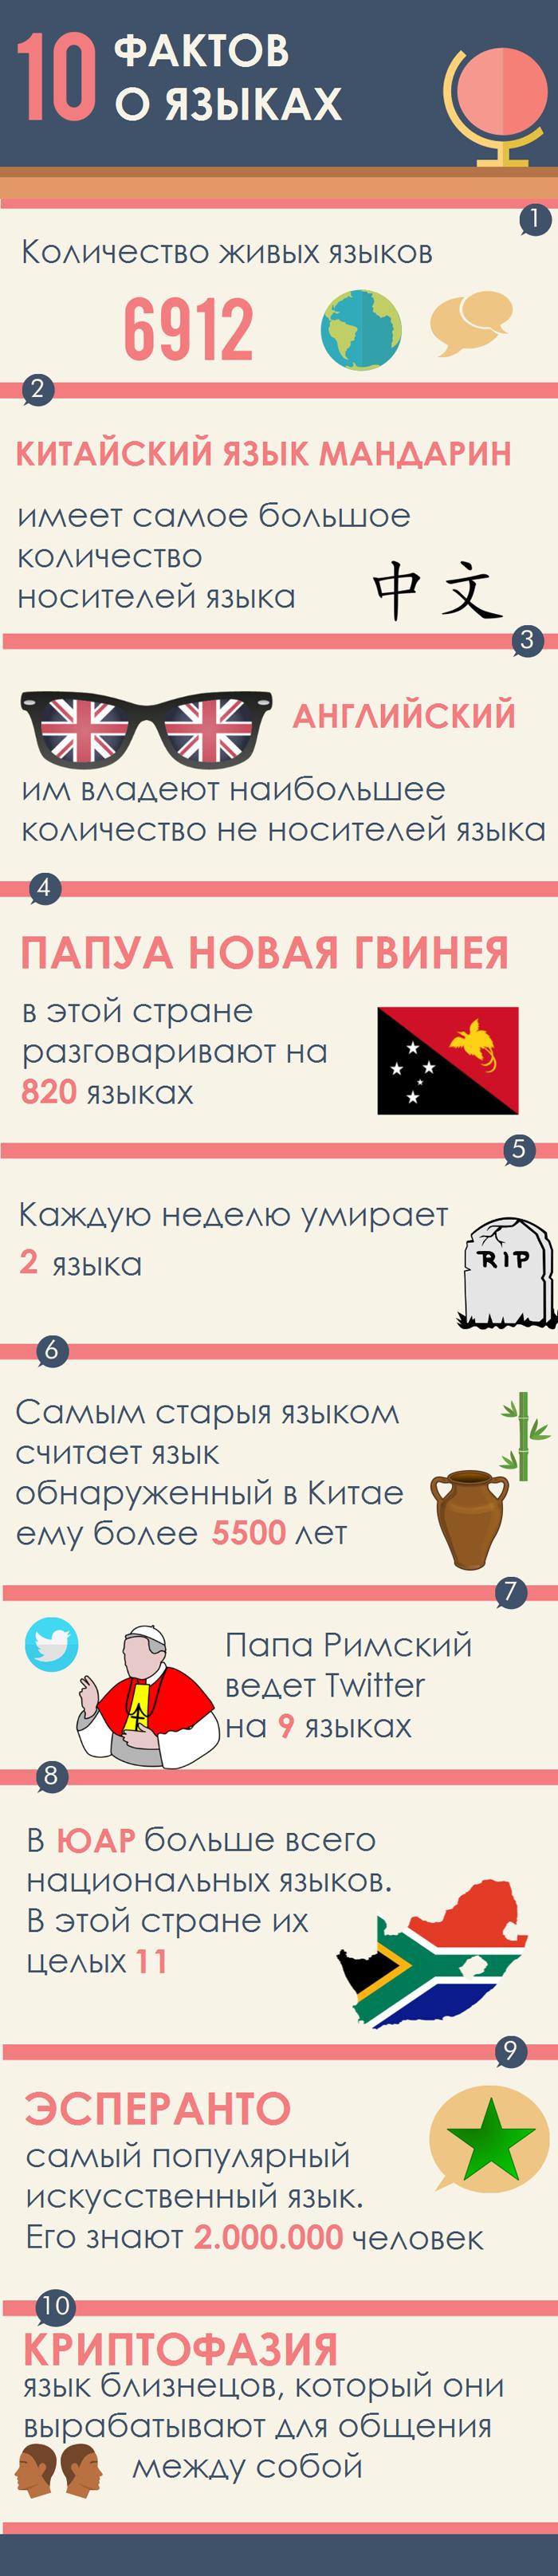 10 интересных фактов о языках (инфографик)